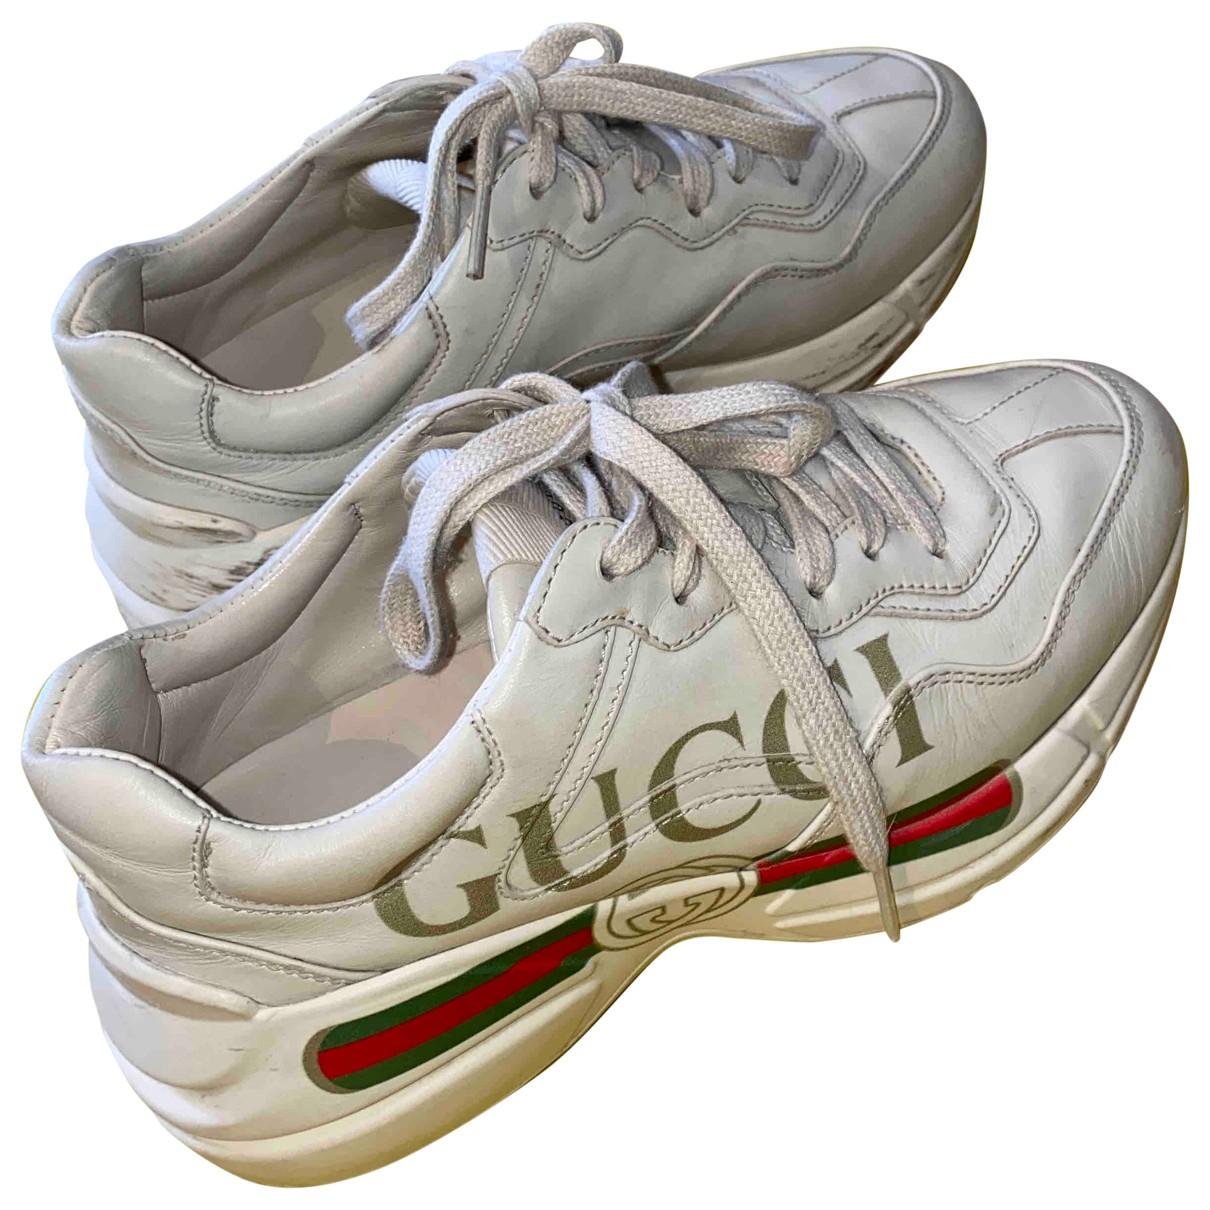 Gucci - Baskets Rhyton pour femme en cuir - ecru